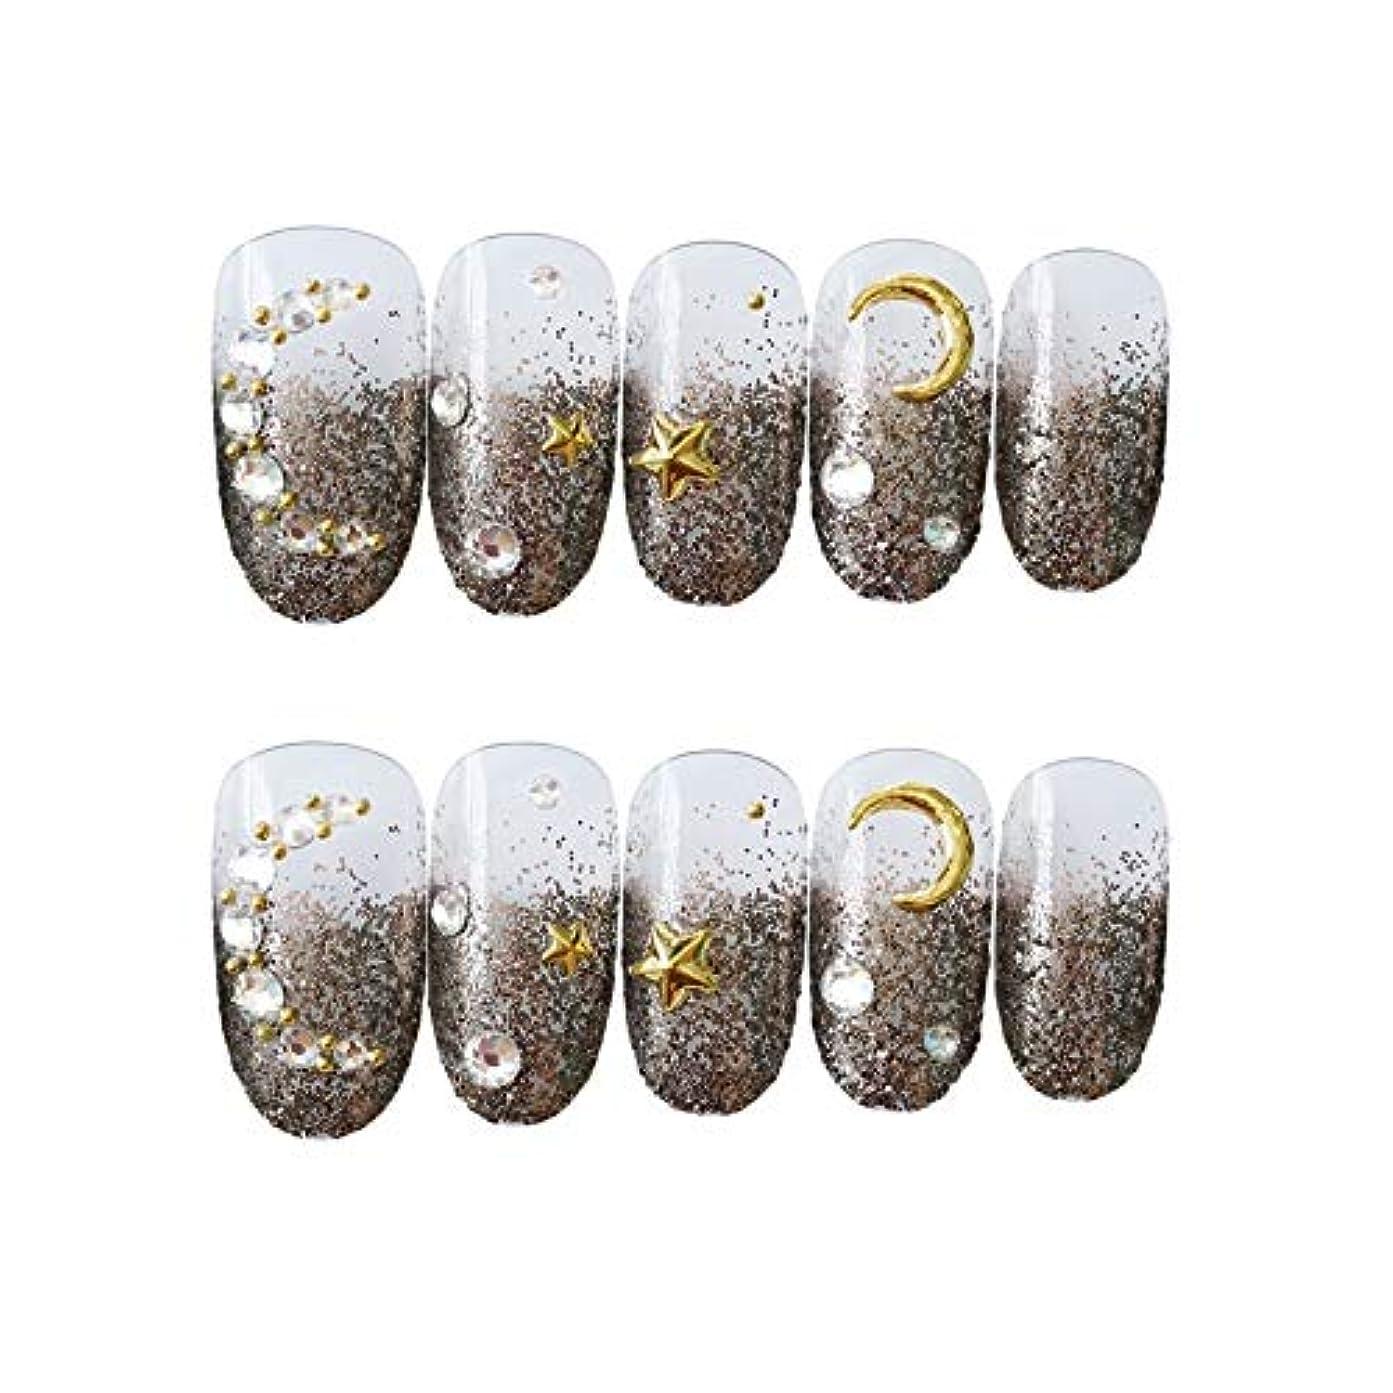 パウダースパン宿NANNAN ネイルチップ 3D ネイルチップ 綺麗な飾り付け 24枚入 原宿 和風 夢幻 和装 手作りネイルチップ 結婚式ネイルチップ